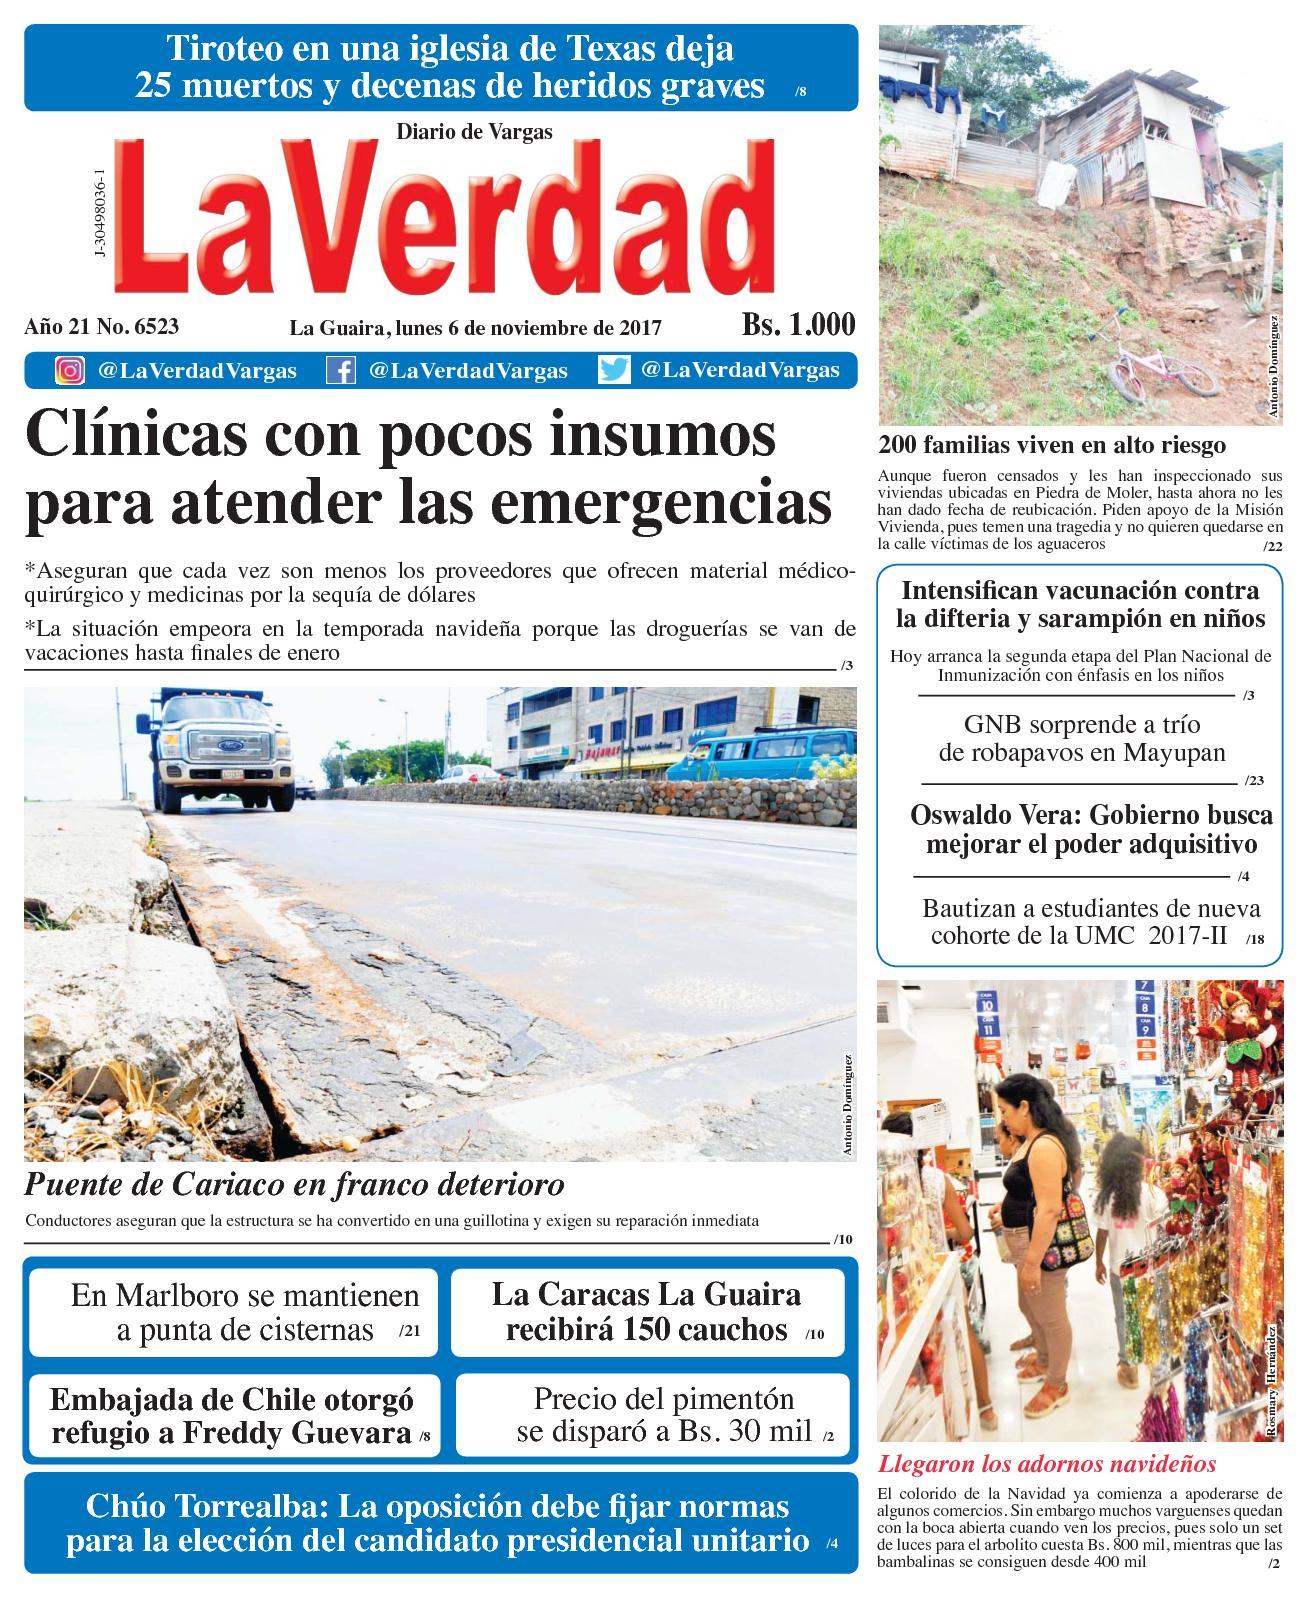 La Guaira, lunes 6 de Noviembre de 2017. Año 20 No. 6523